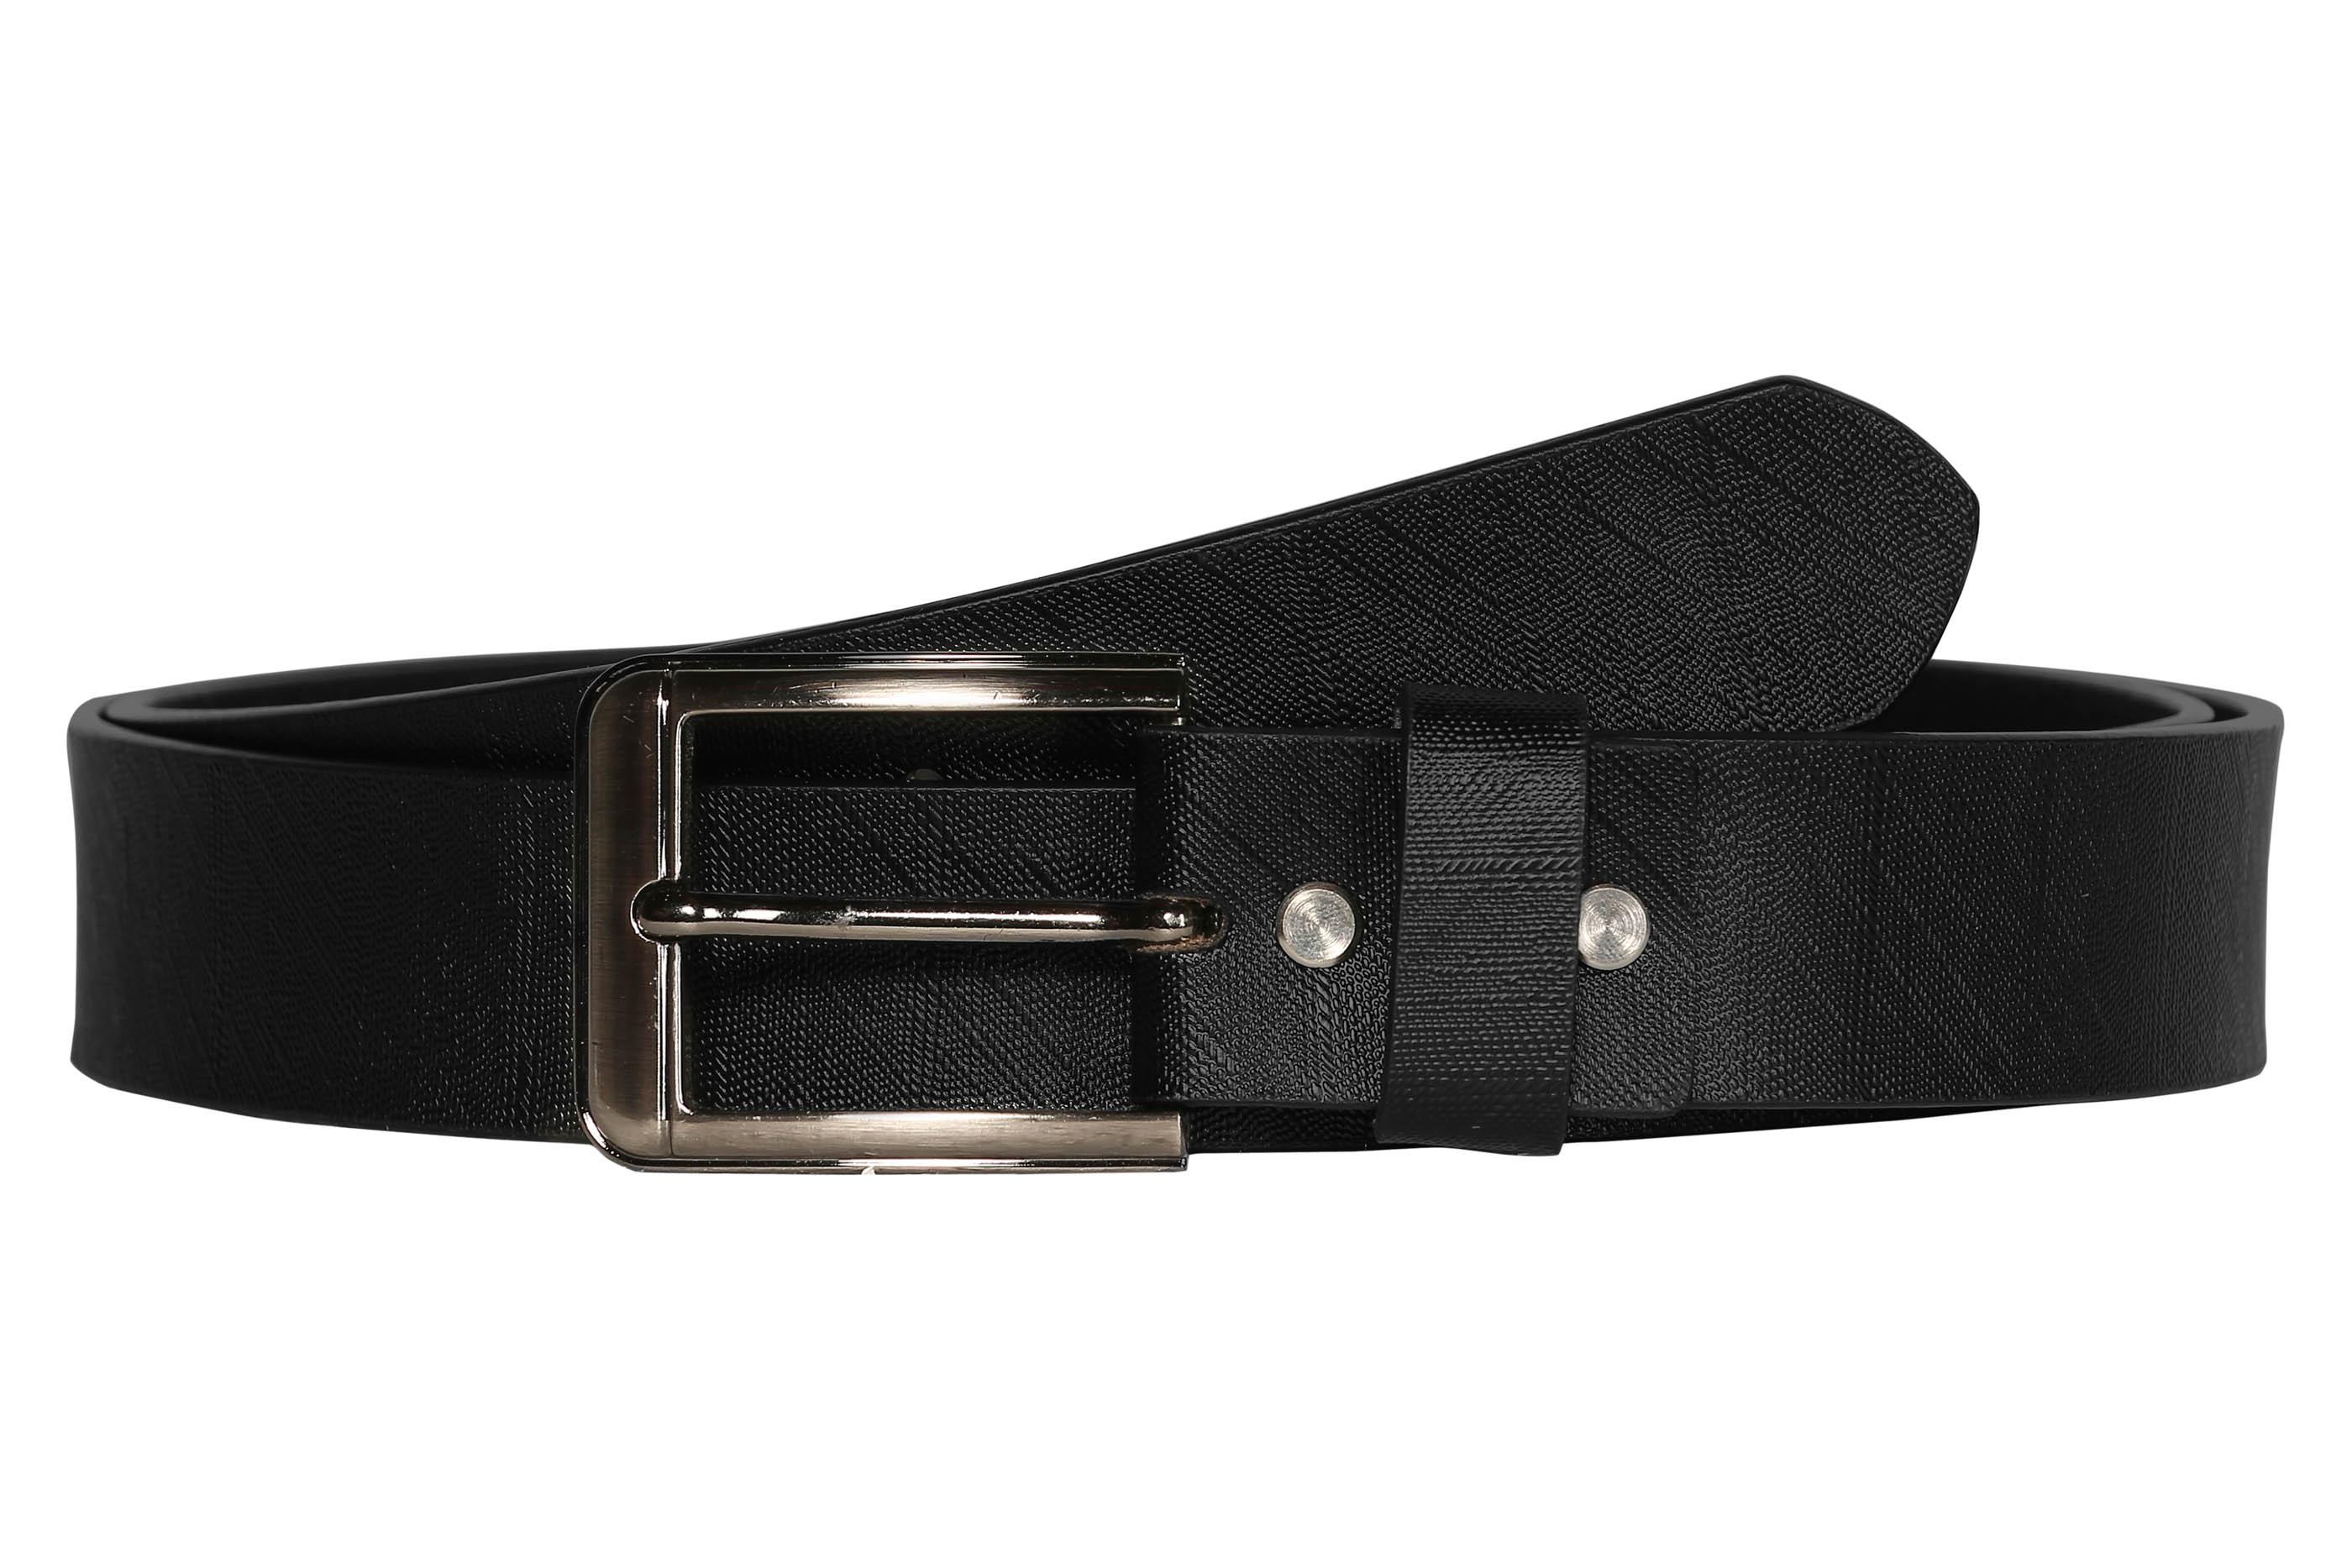 SCHARF | SCHARF Kronos Genuine Leather Formal Belt